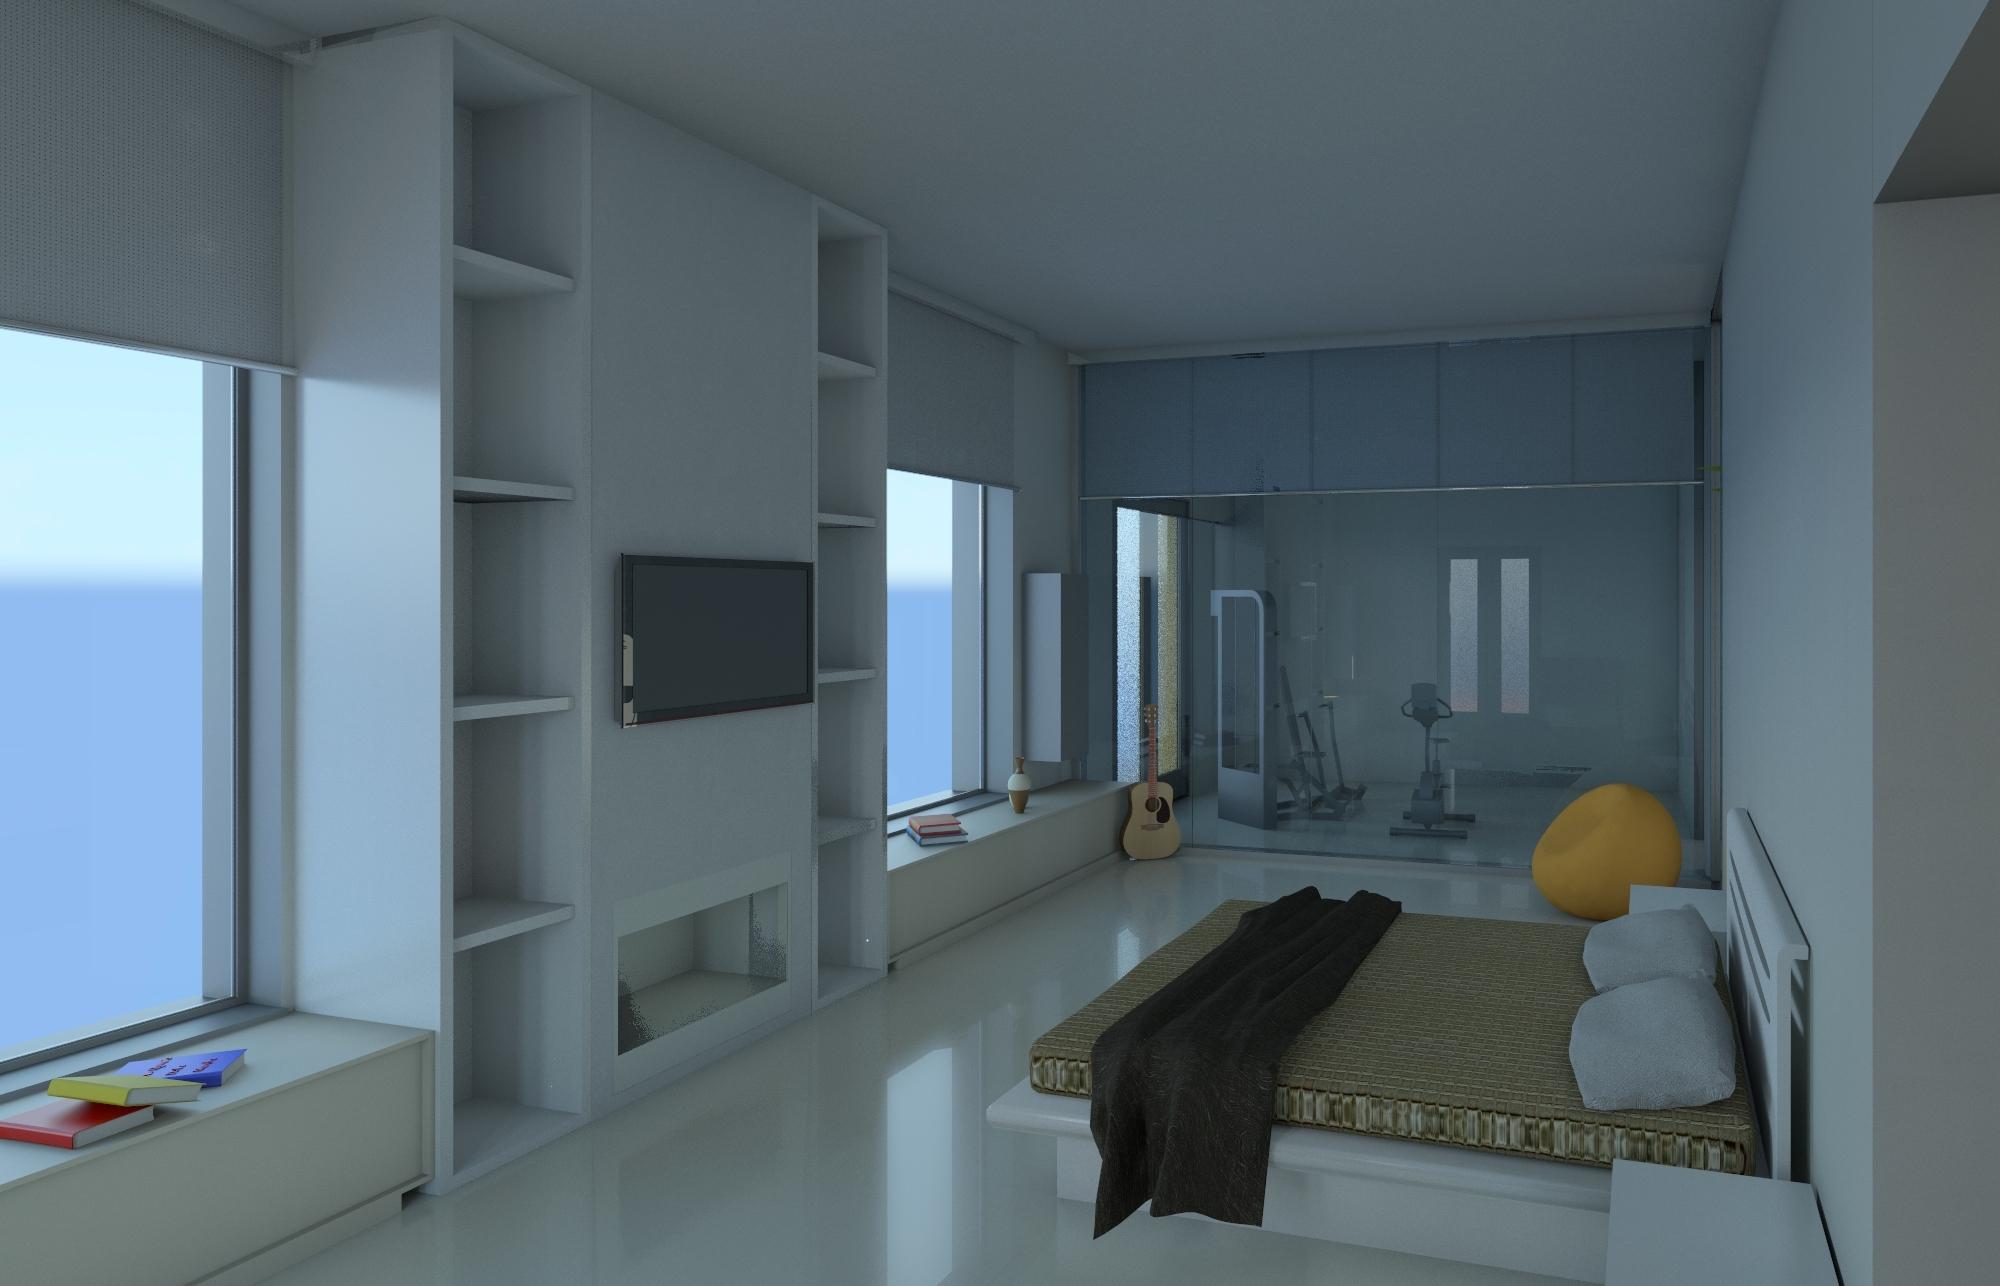 Raas-rendering20150429-29407-1hu4dl6